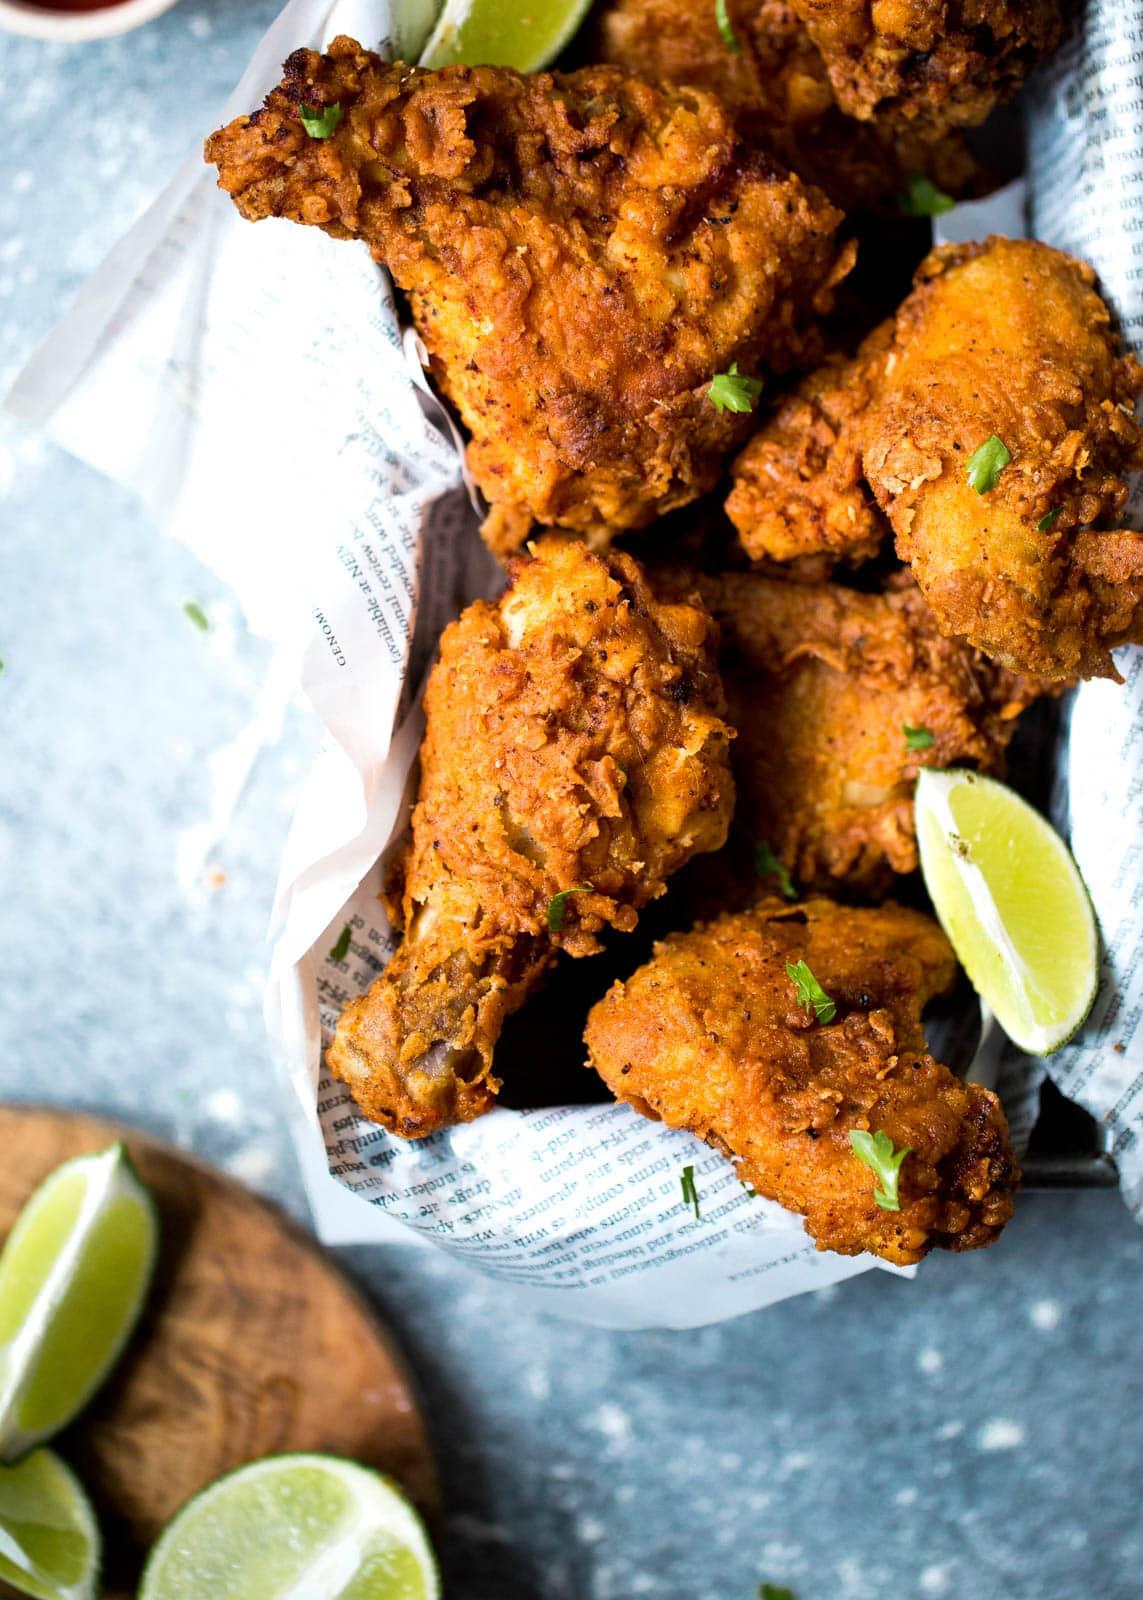 buttermilk fried chicken in a basket